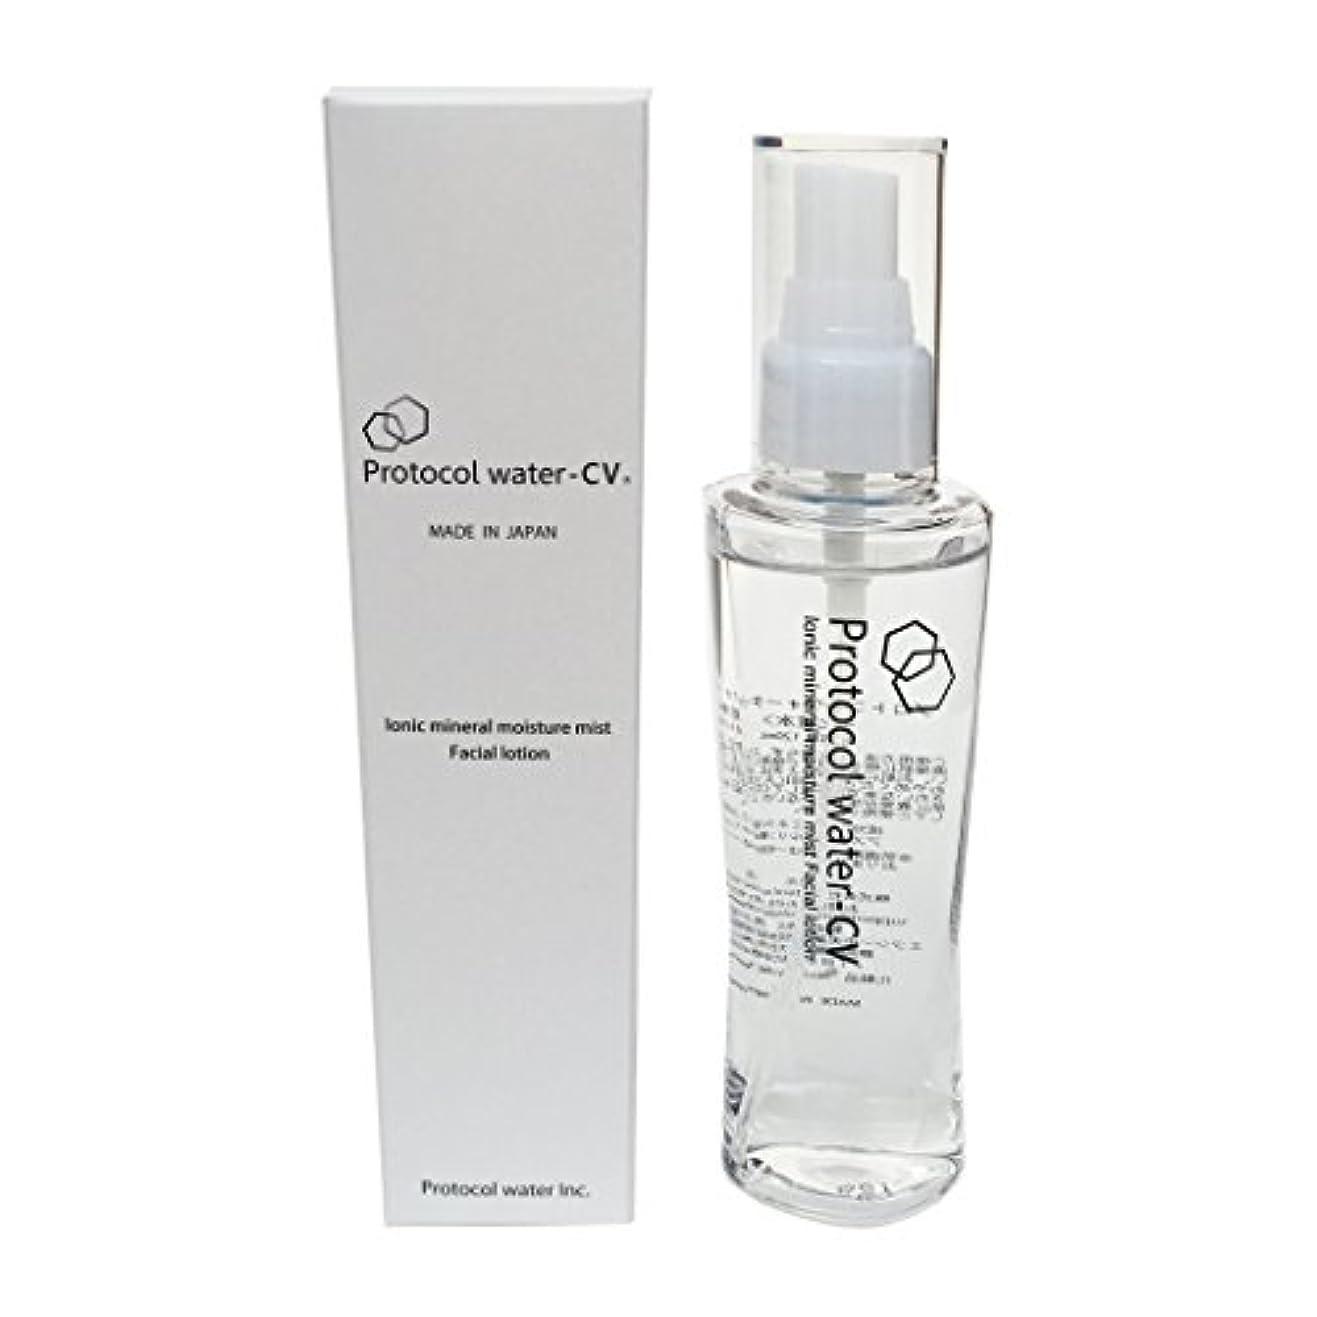 パネル執着器官Protocol water CV Ionic's mineral moisture mist Facial lotion / プロトコル ウォーター CV